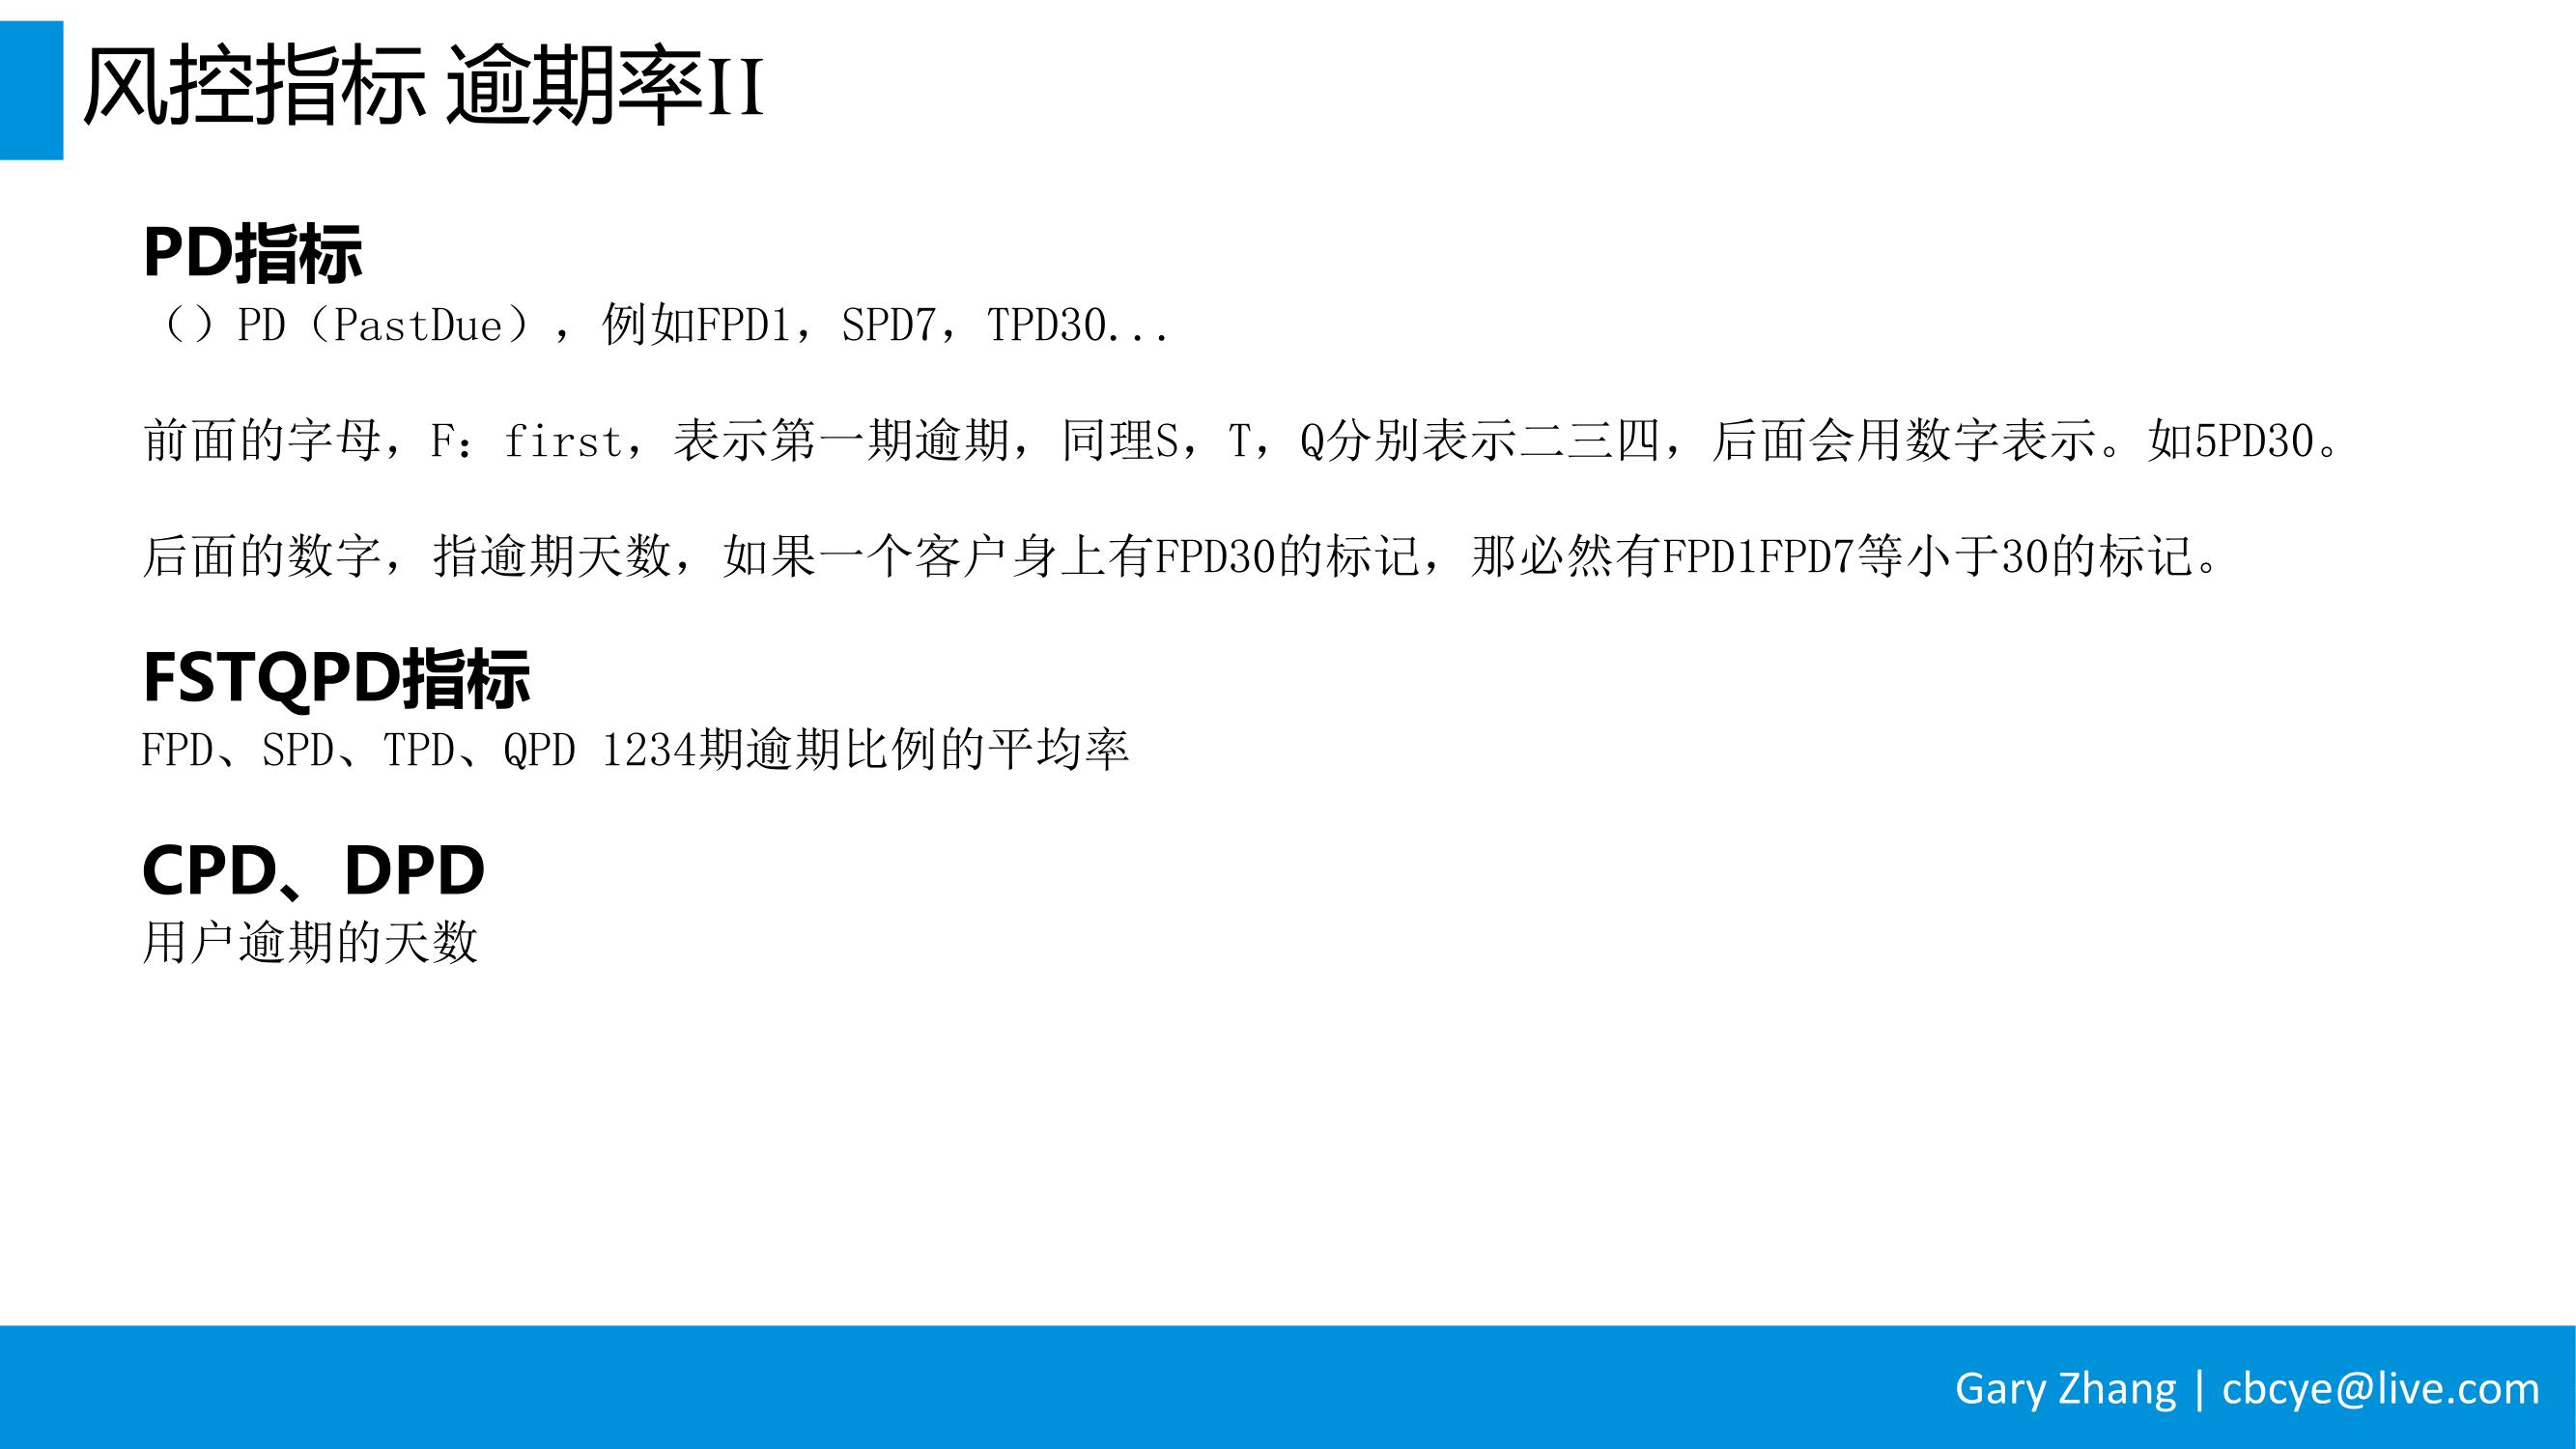 消费金融业务全流程指南_v1.0-085